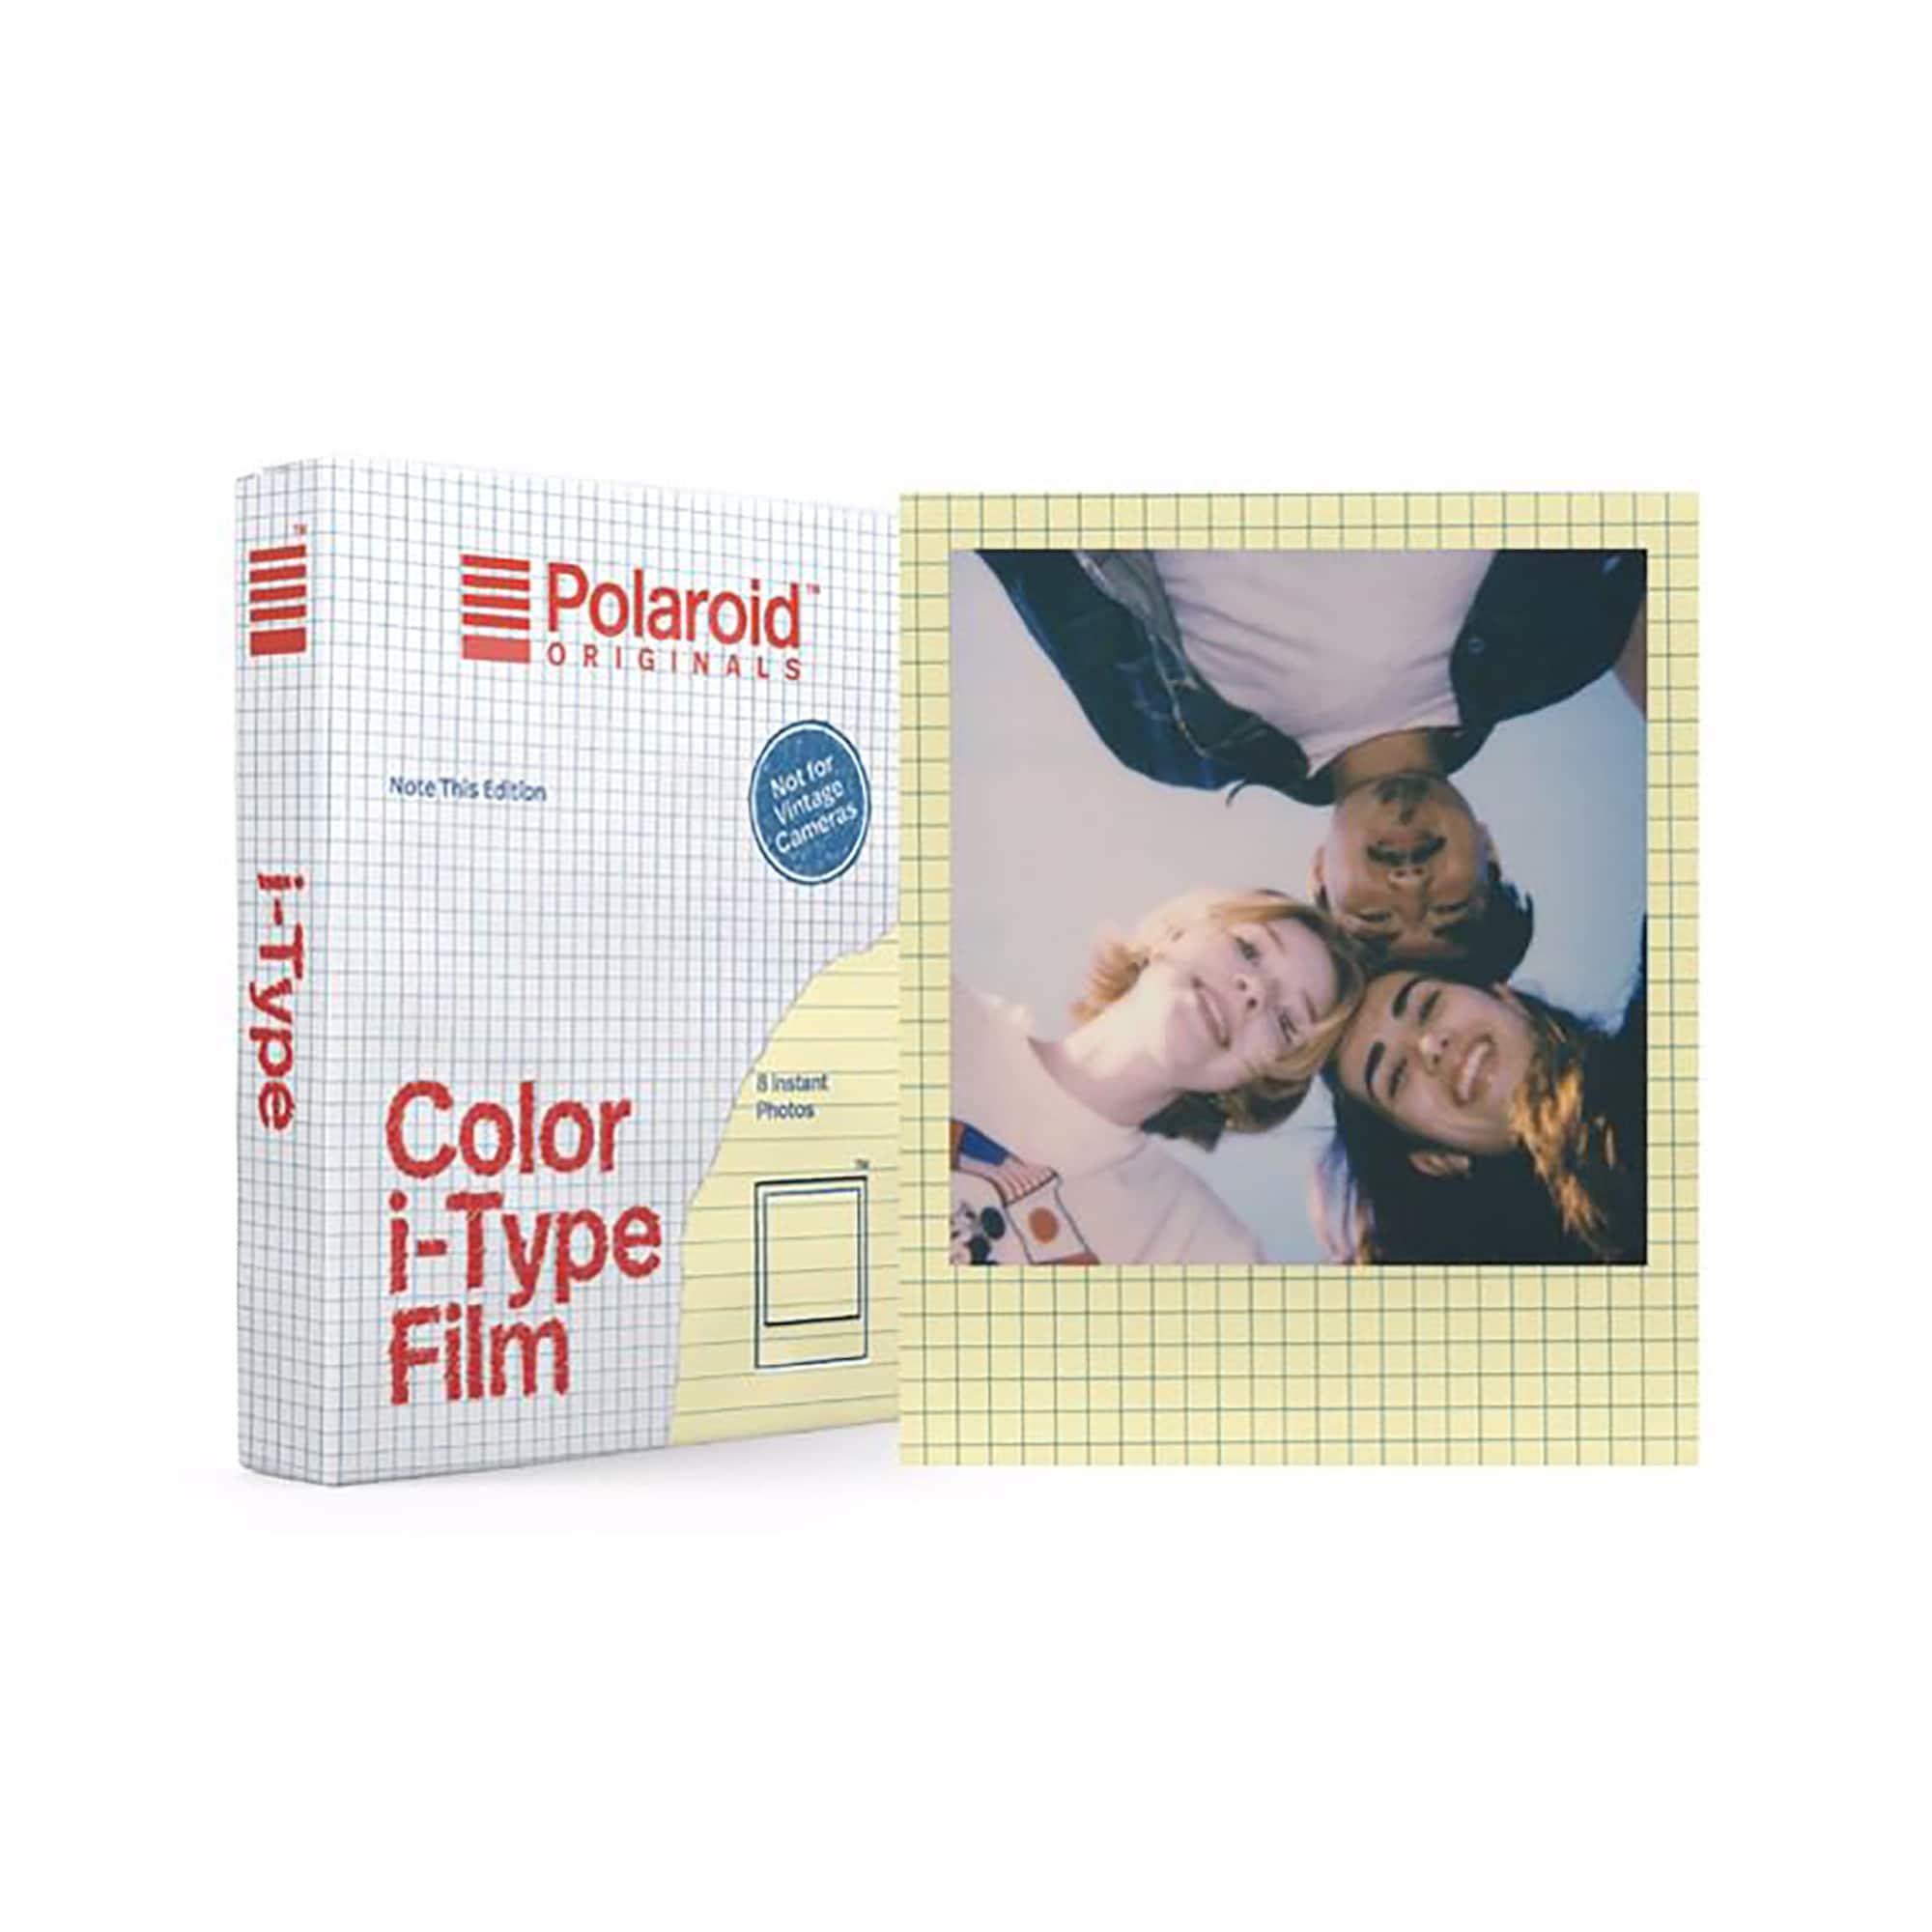 Polaroid Originals I-Type Film Note This Ed